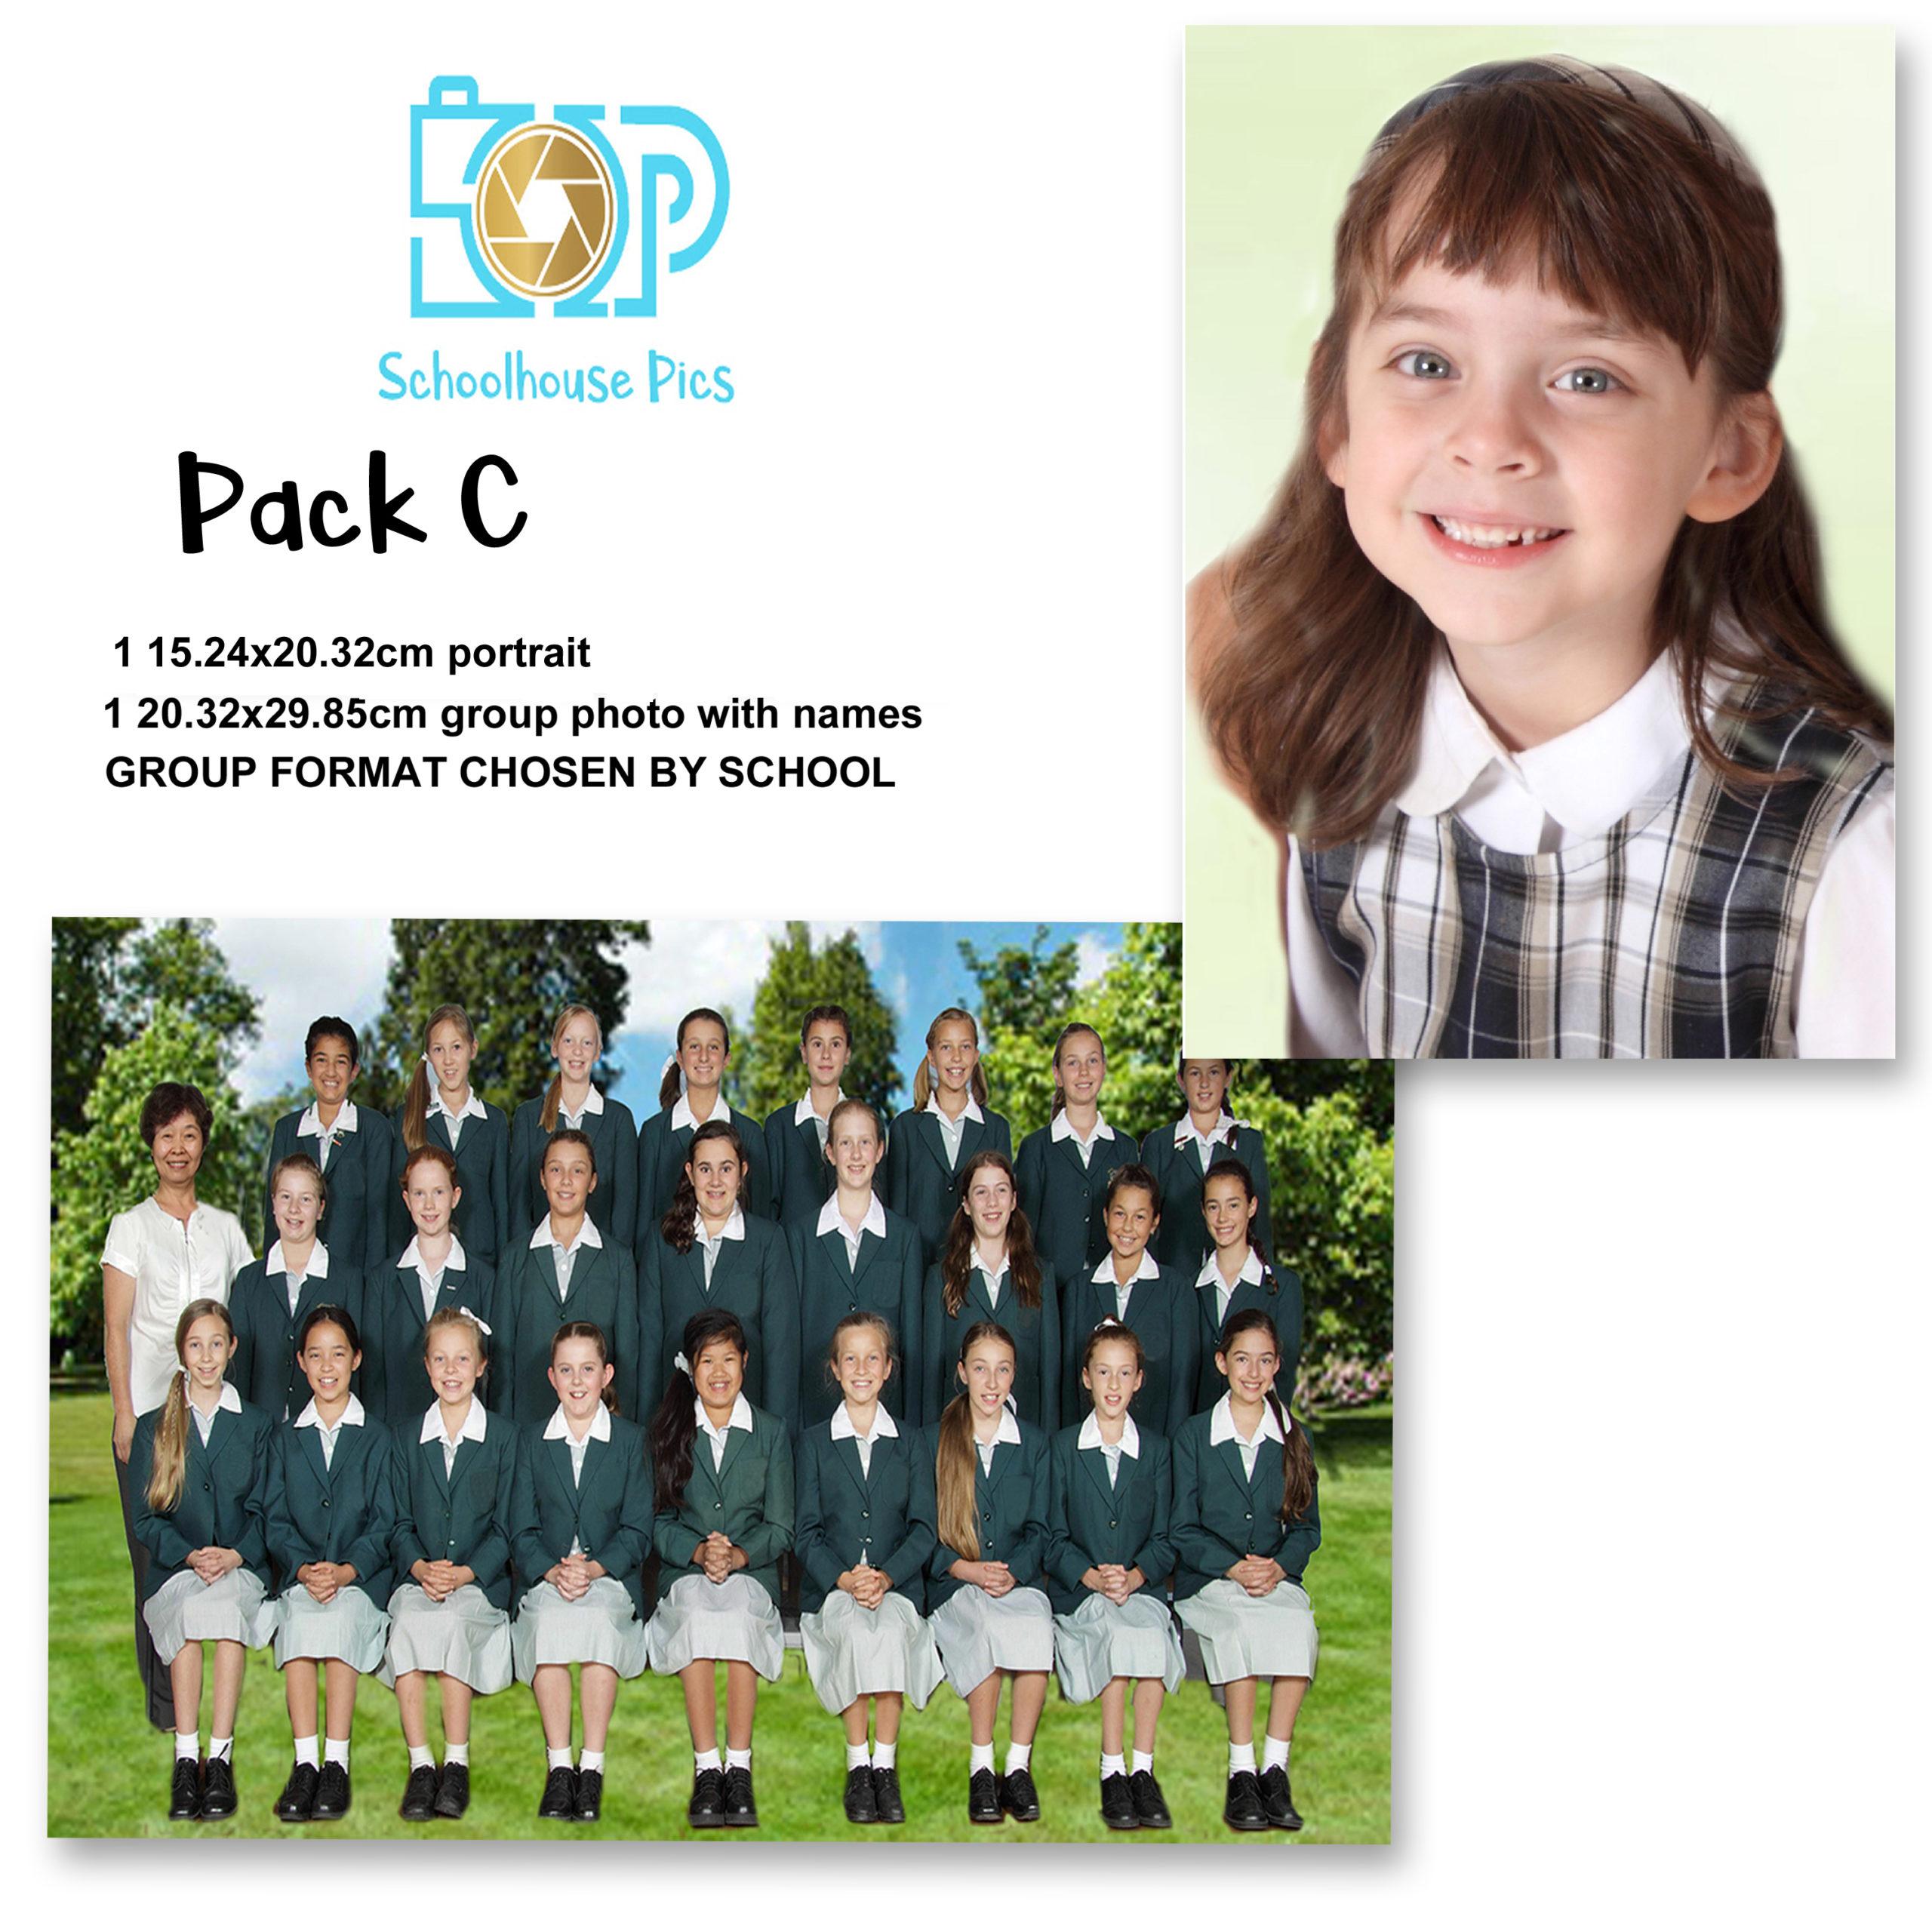 Pack C